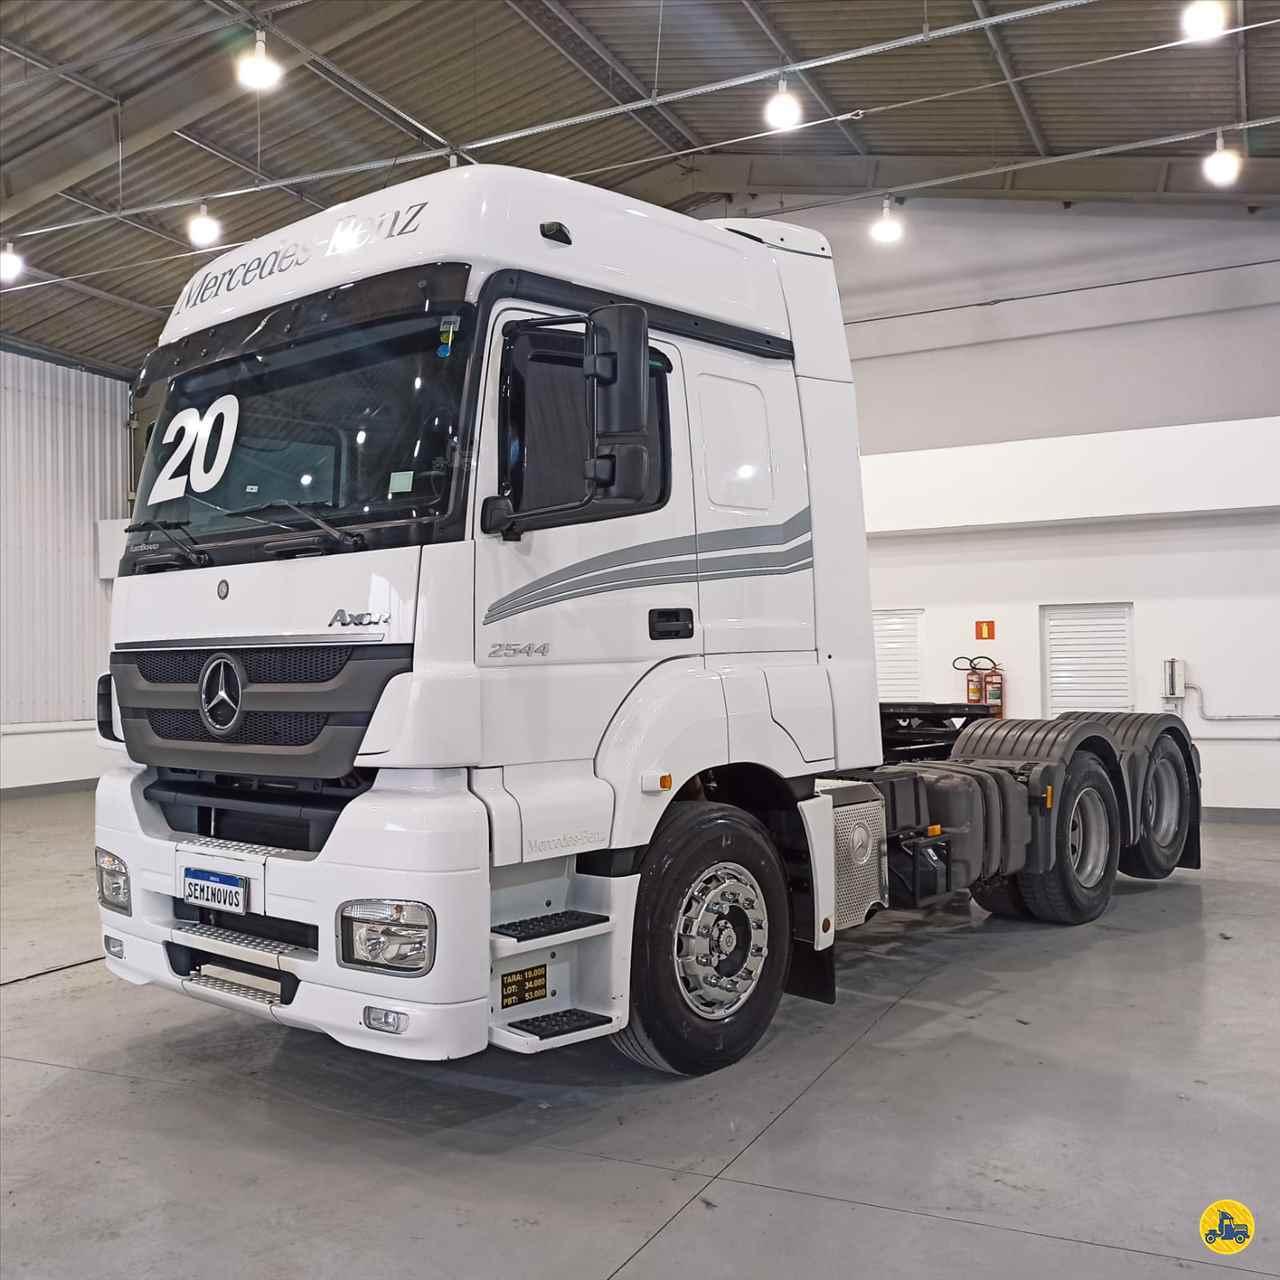 CAMINHAO MERCEDES-BENZ MB 2544 Cavalo Mecânico Truck 6x2 Scania Seminovos SAO JOSE DOS PINHAIS PARANÁ PR